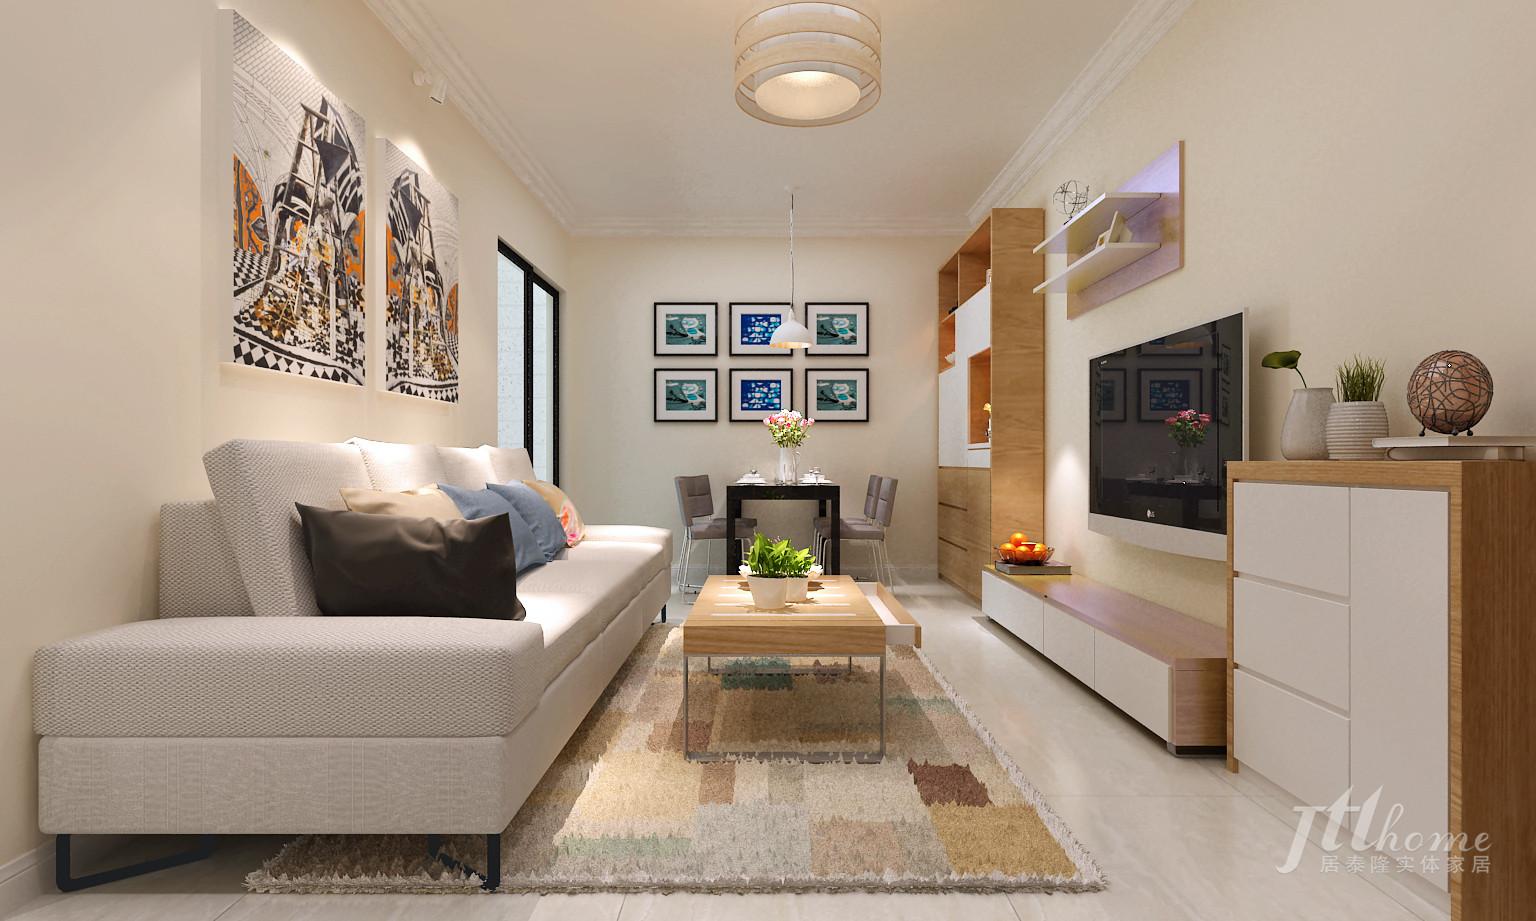 简约 二居 宜居 舒适 温馨 客厅图片来自居泰隆深圳在振业天峦 现代简约二居室的分享